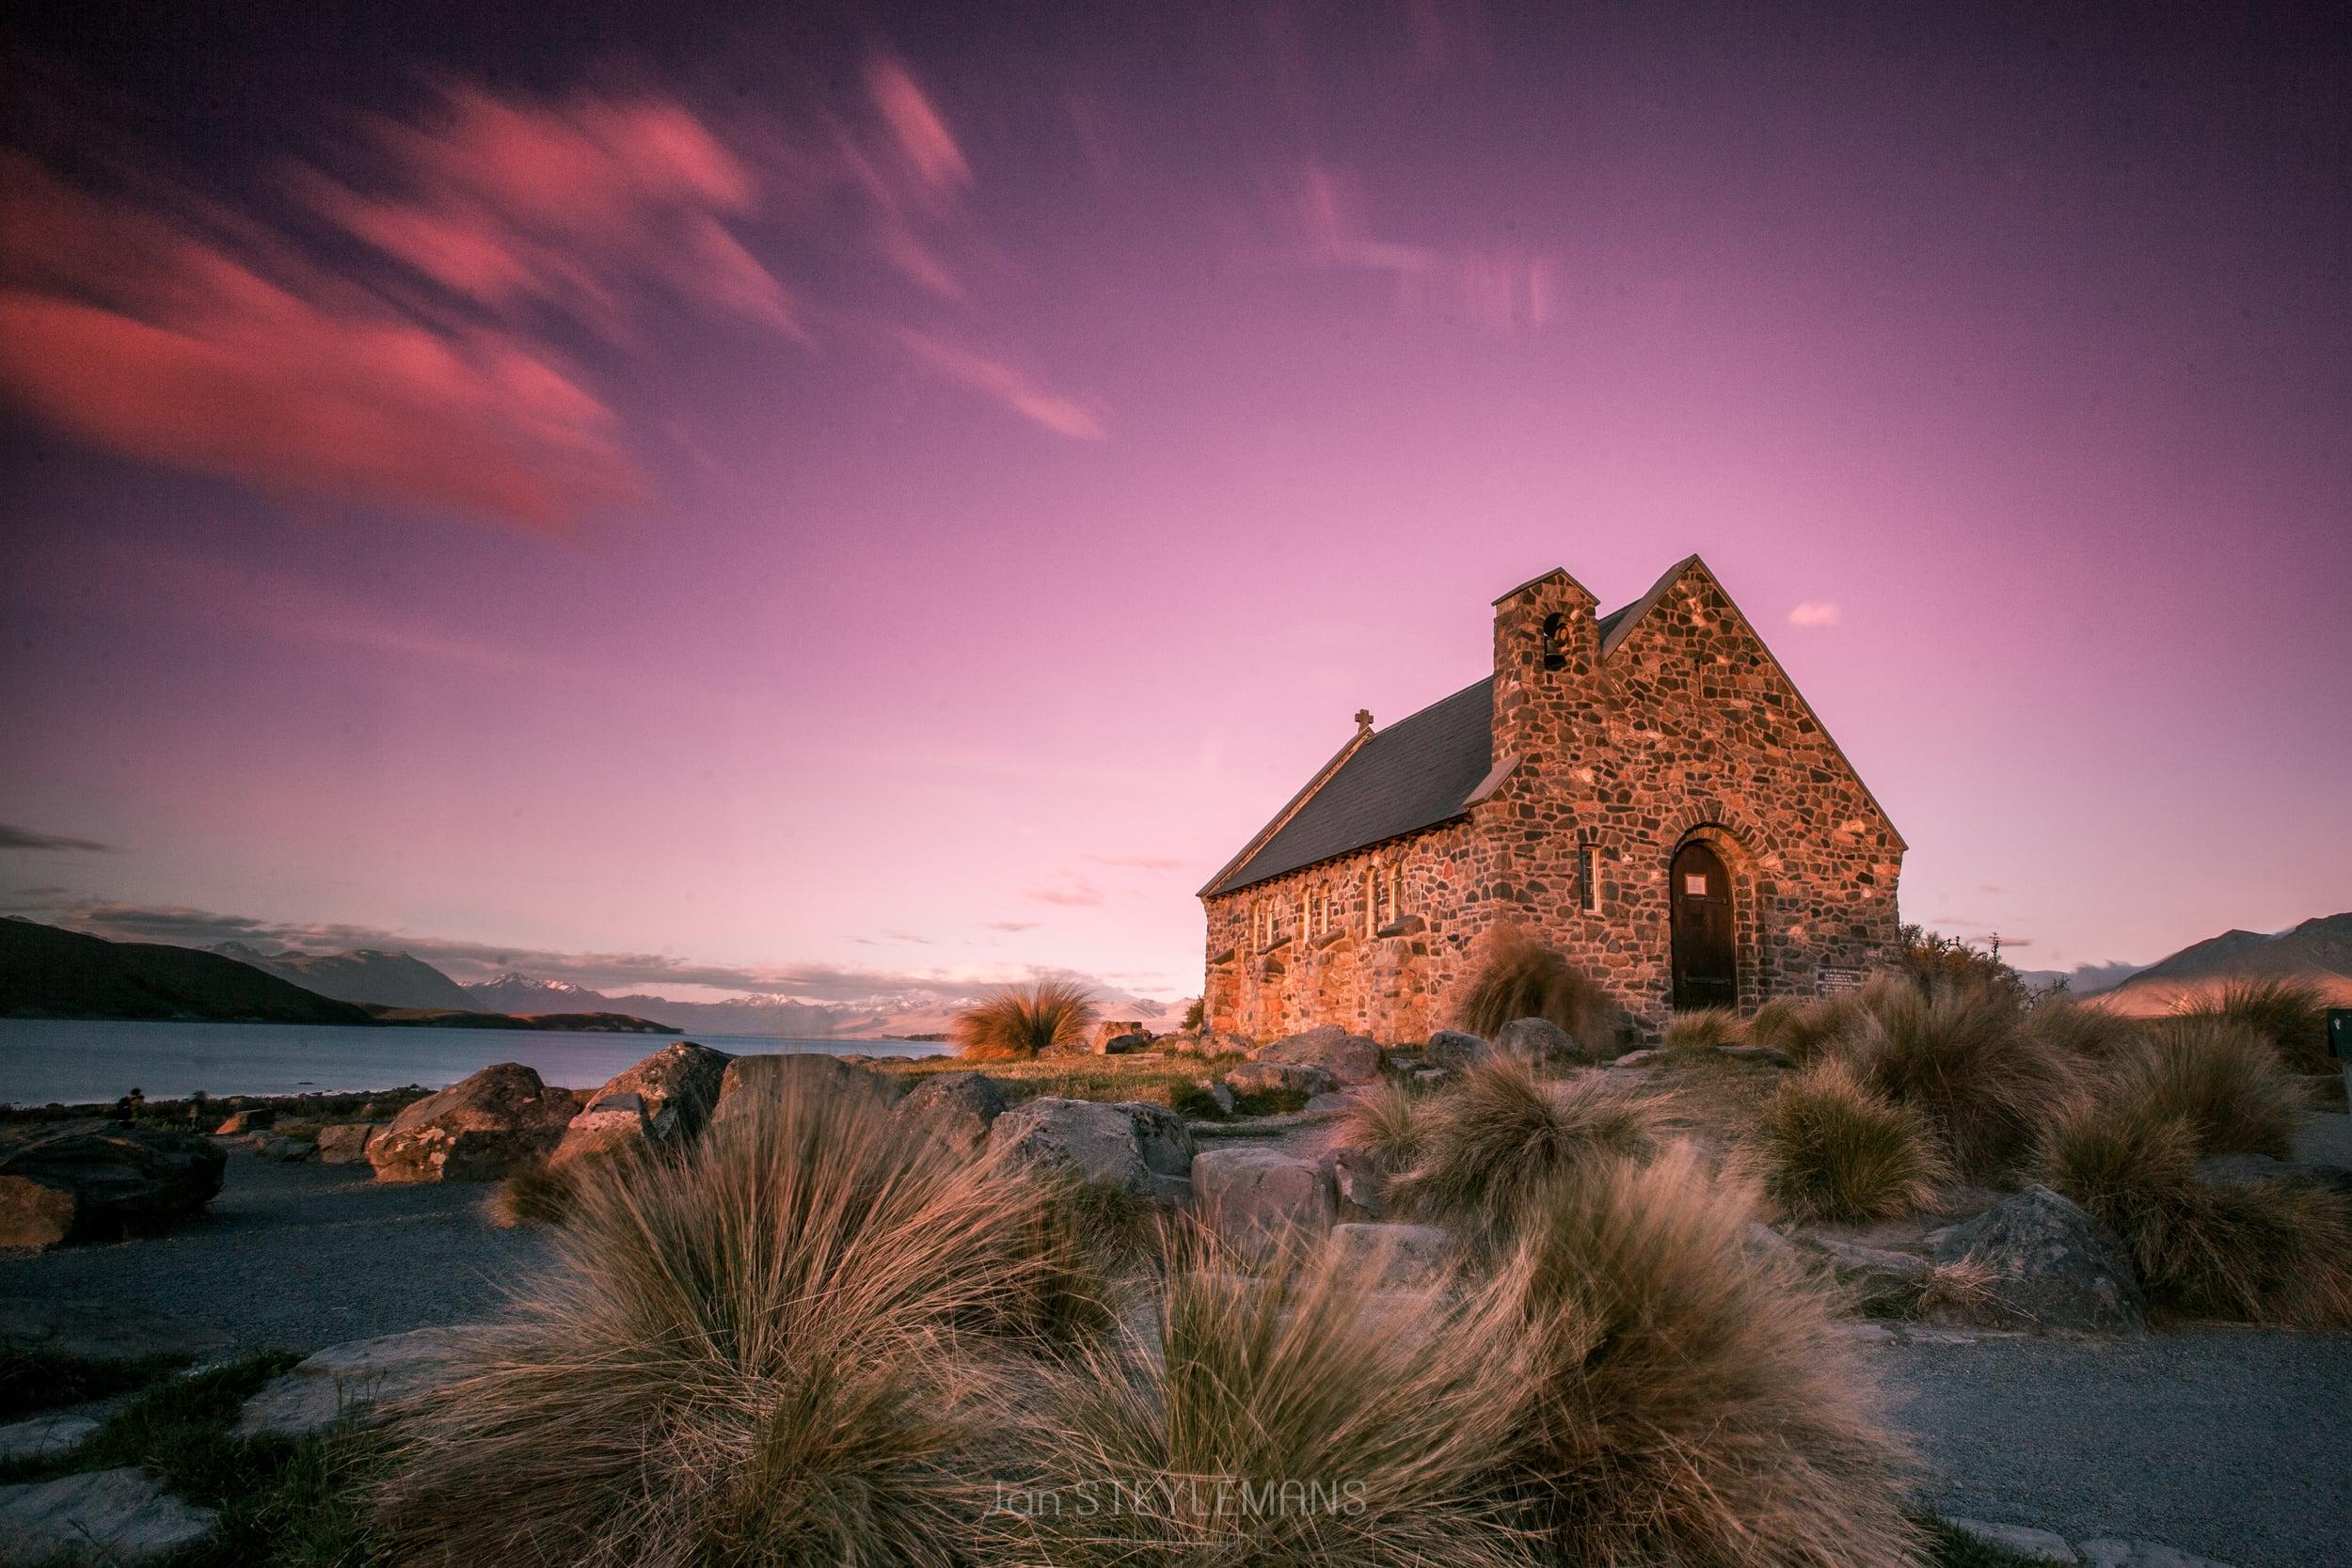 Church of the good sheppherd, New Zealand